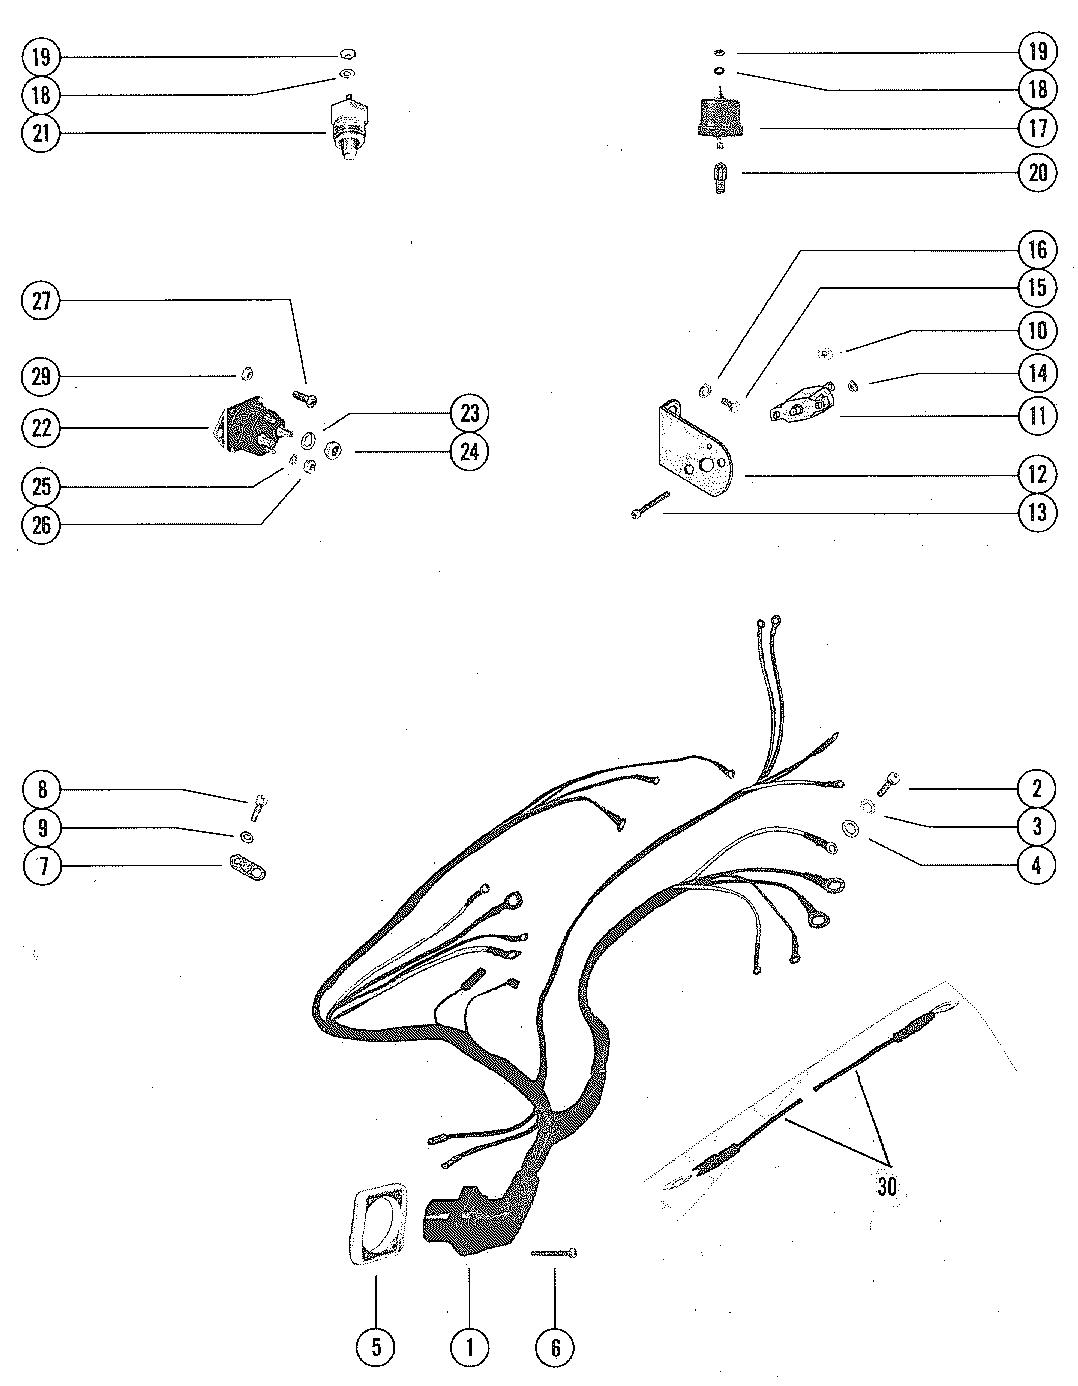 mercruiser trim indicator wiring diagram